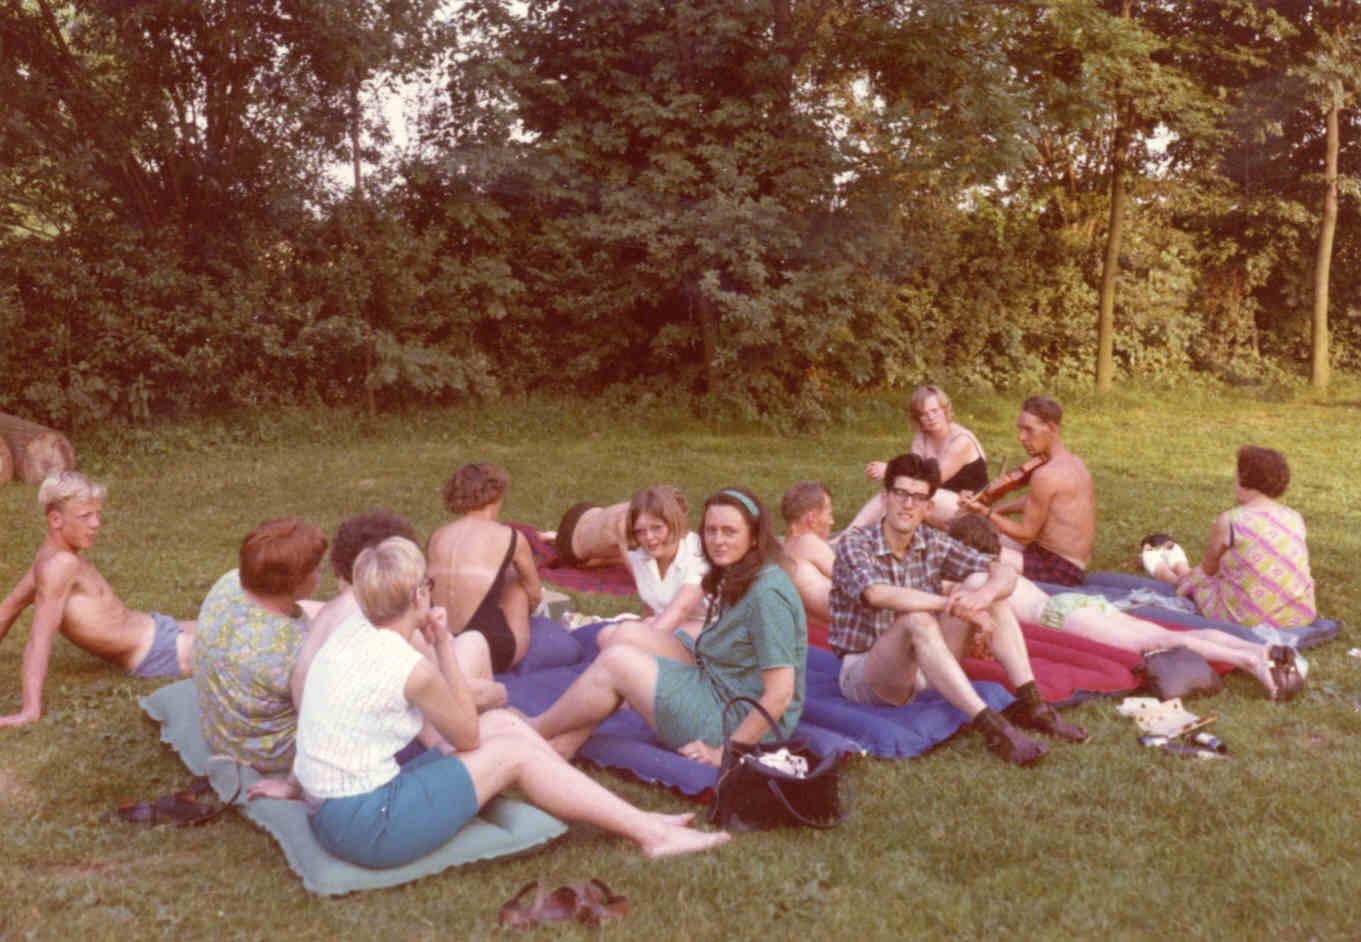 IMG_0013_Leikarringen_Noreg_Tyskland_1968.jpg